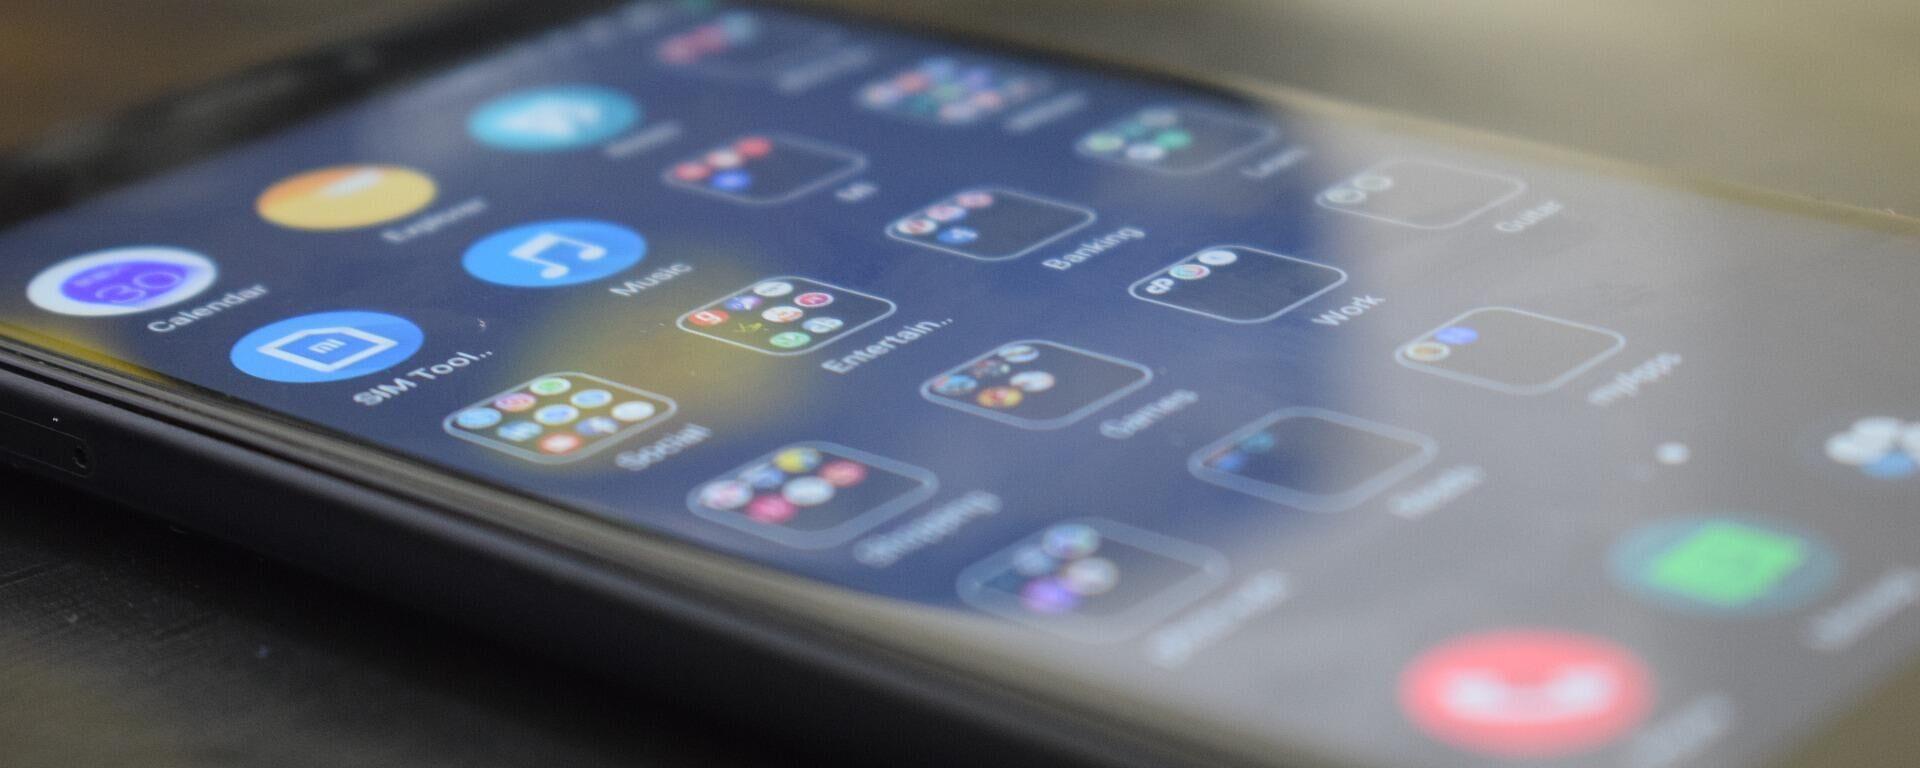 Smartphone (Symbolbild) - SNA, 1920, 03.08.2021